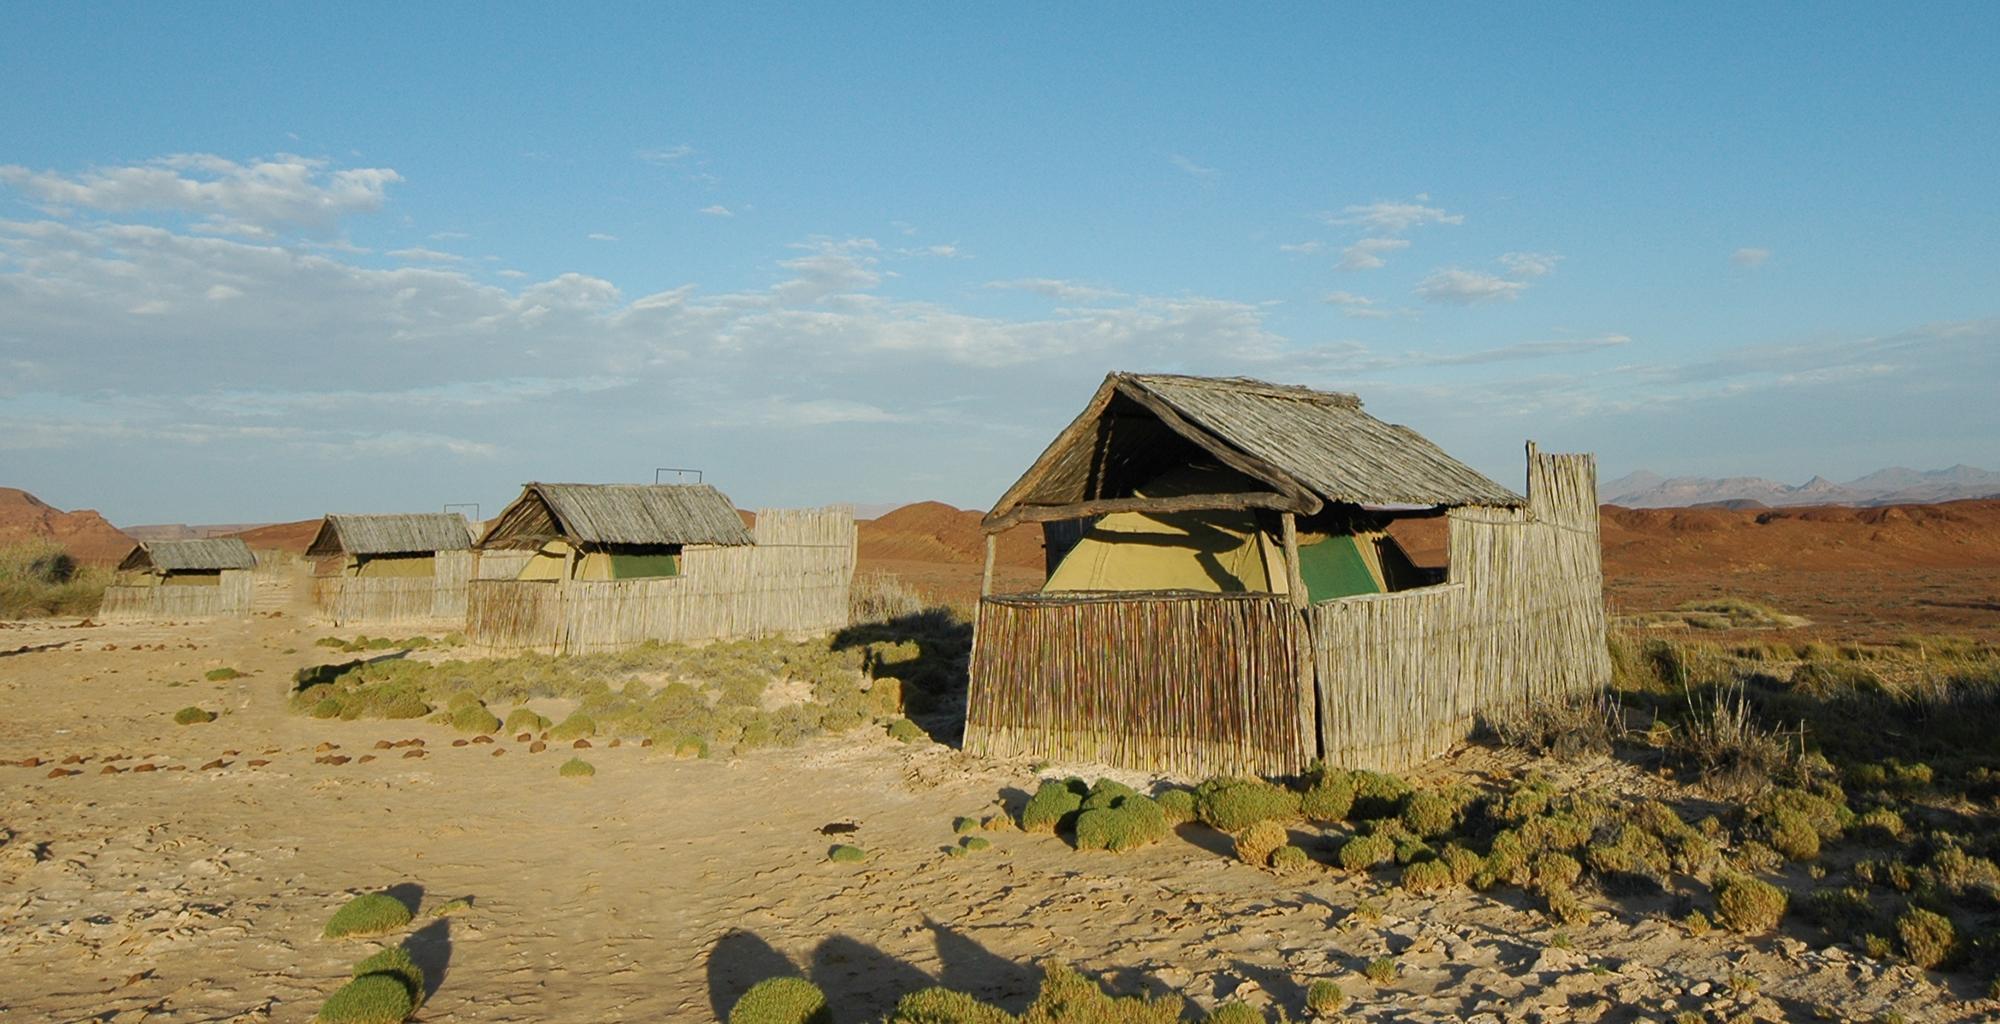 Namibia-Kuidas-Camp-Exterior